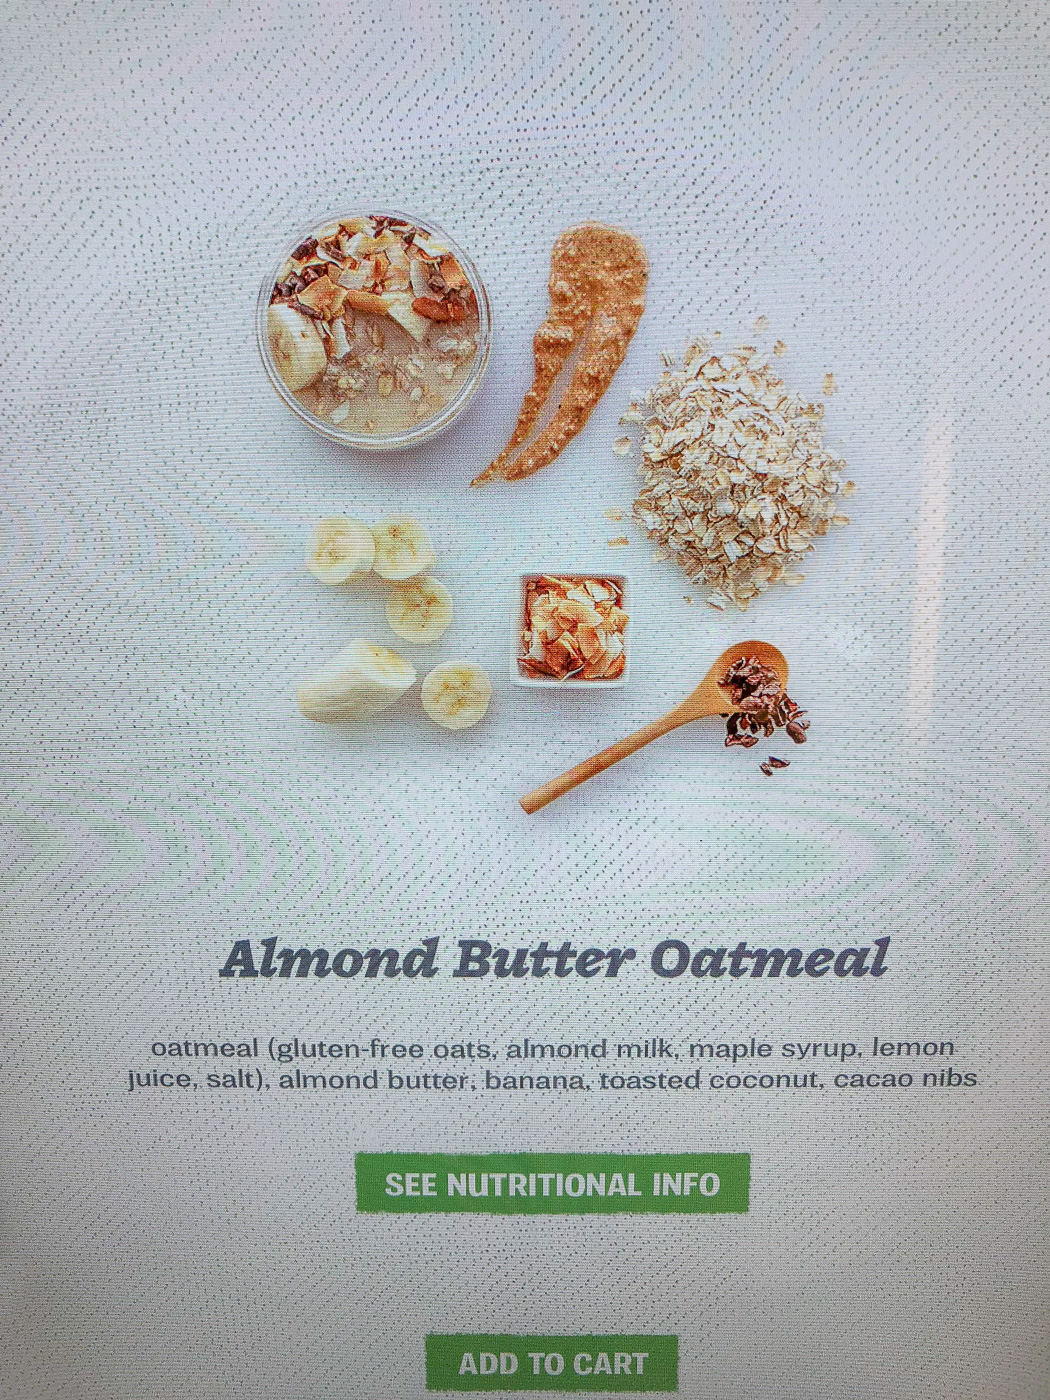 Farmers Fridge Almond Butter Oatmeal Ingredients